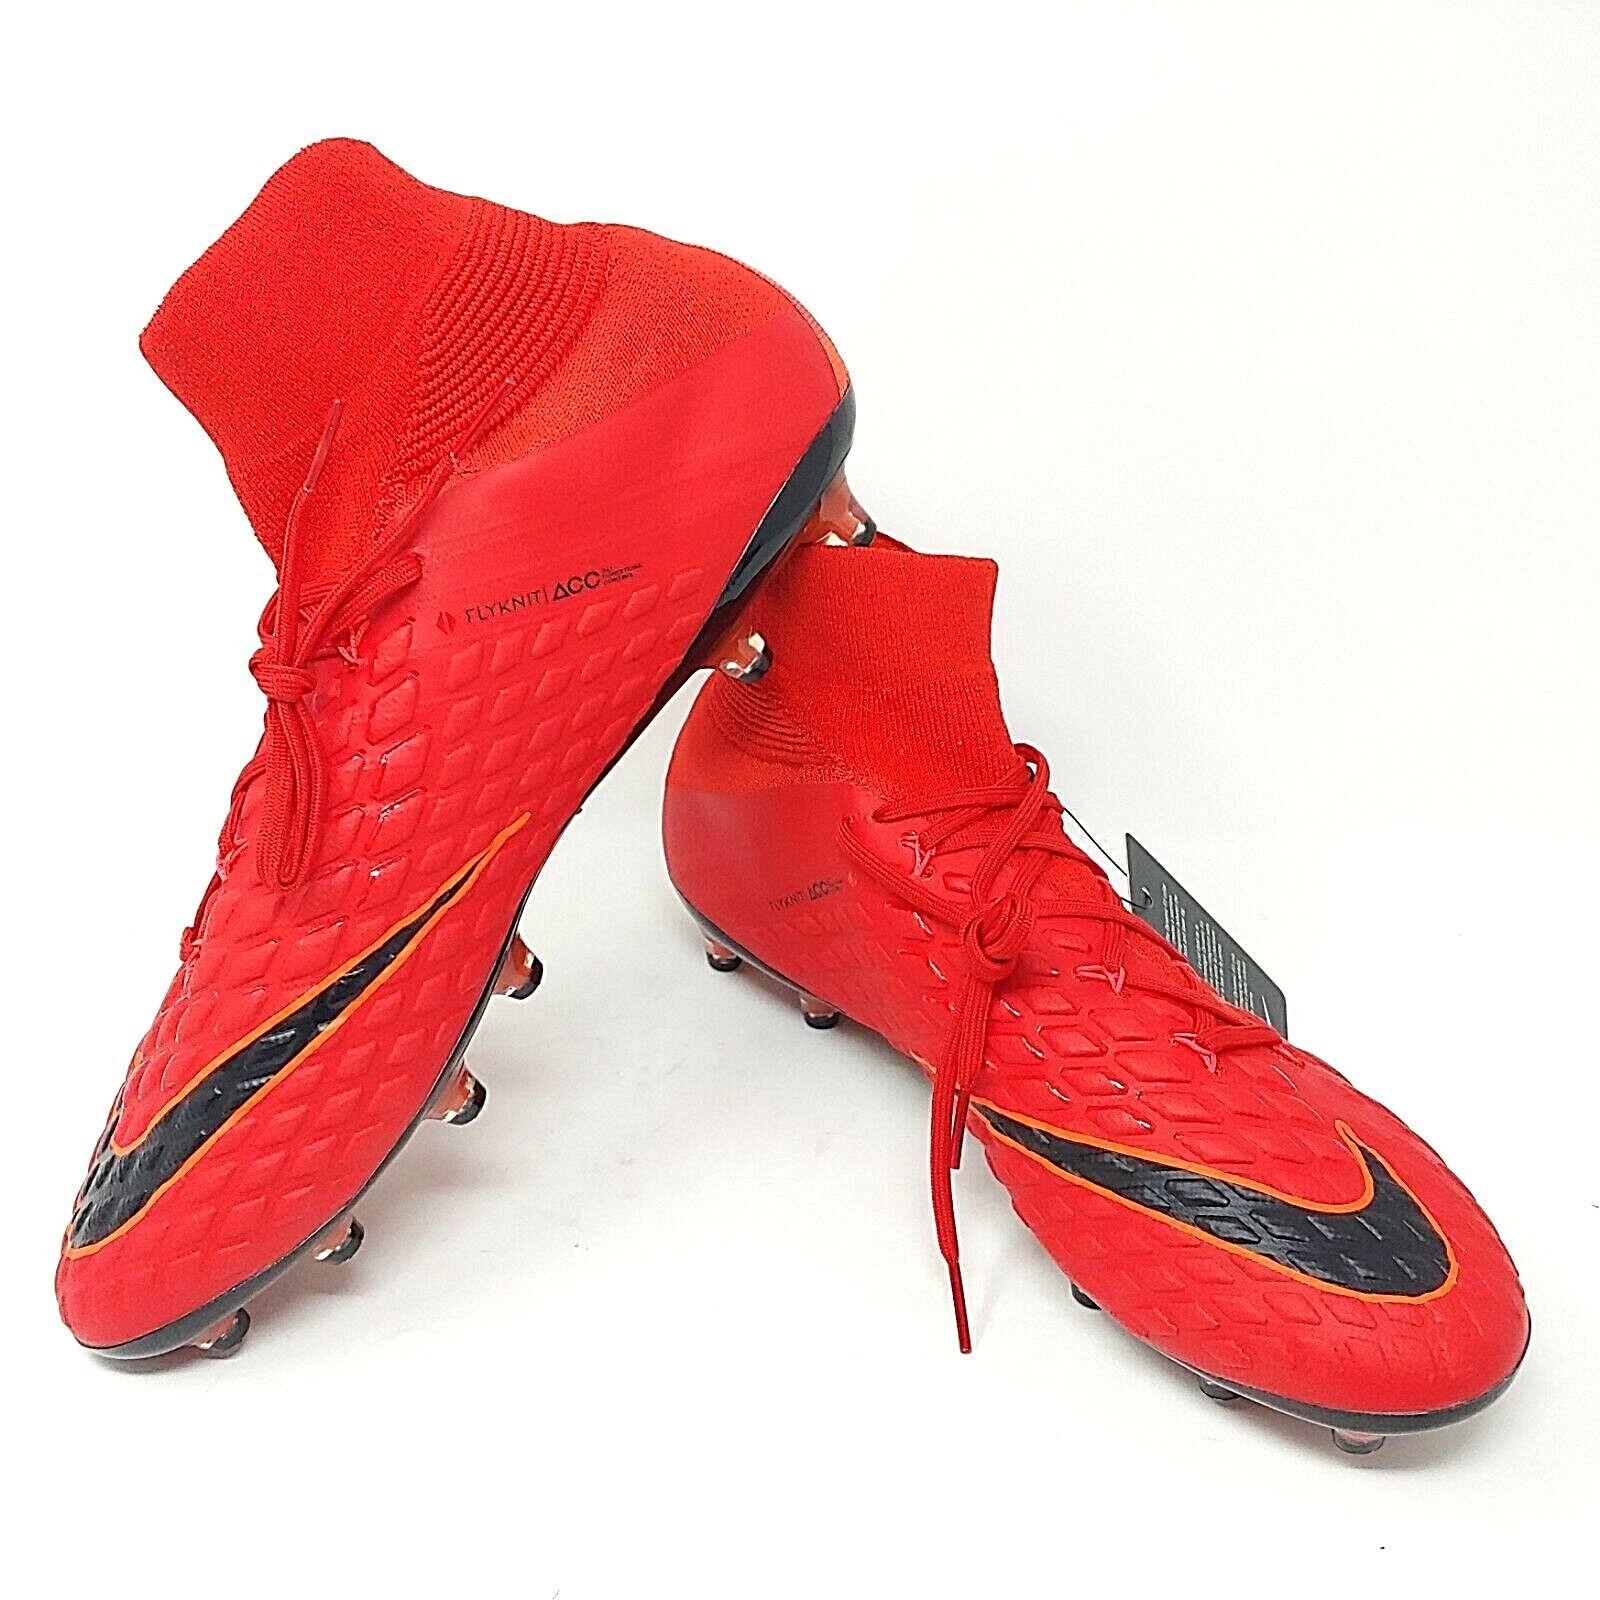 Nike Hypervenom Phantom III Ag Acc pro Rot Schwarz Fußball Stollen Stiefel Verkaufspreis